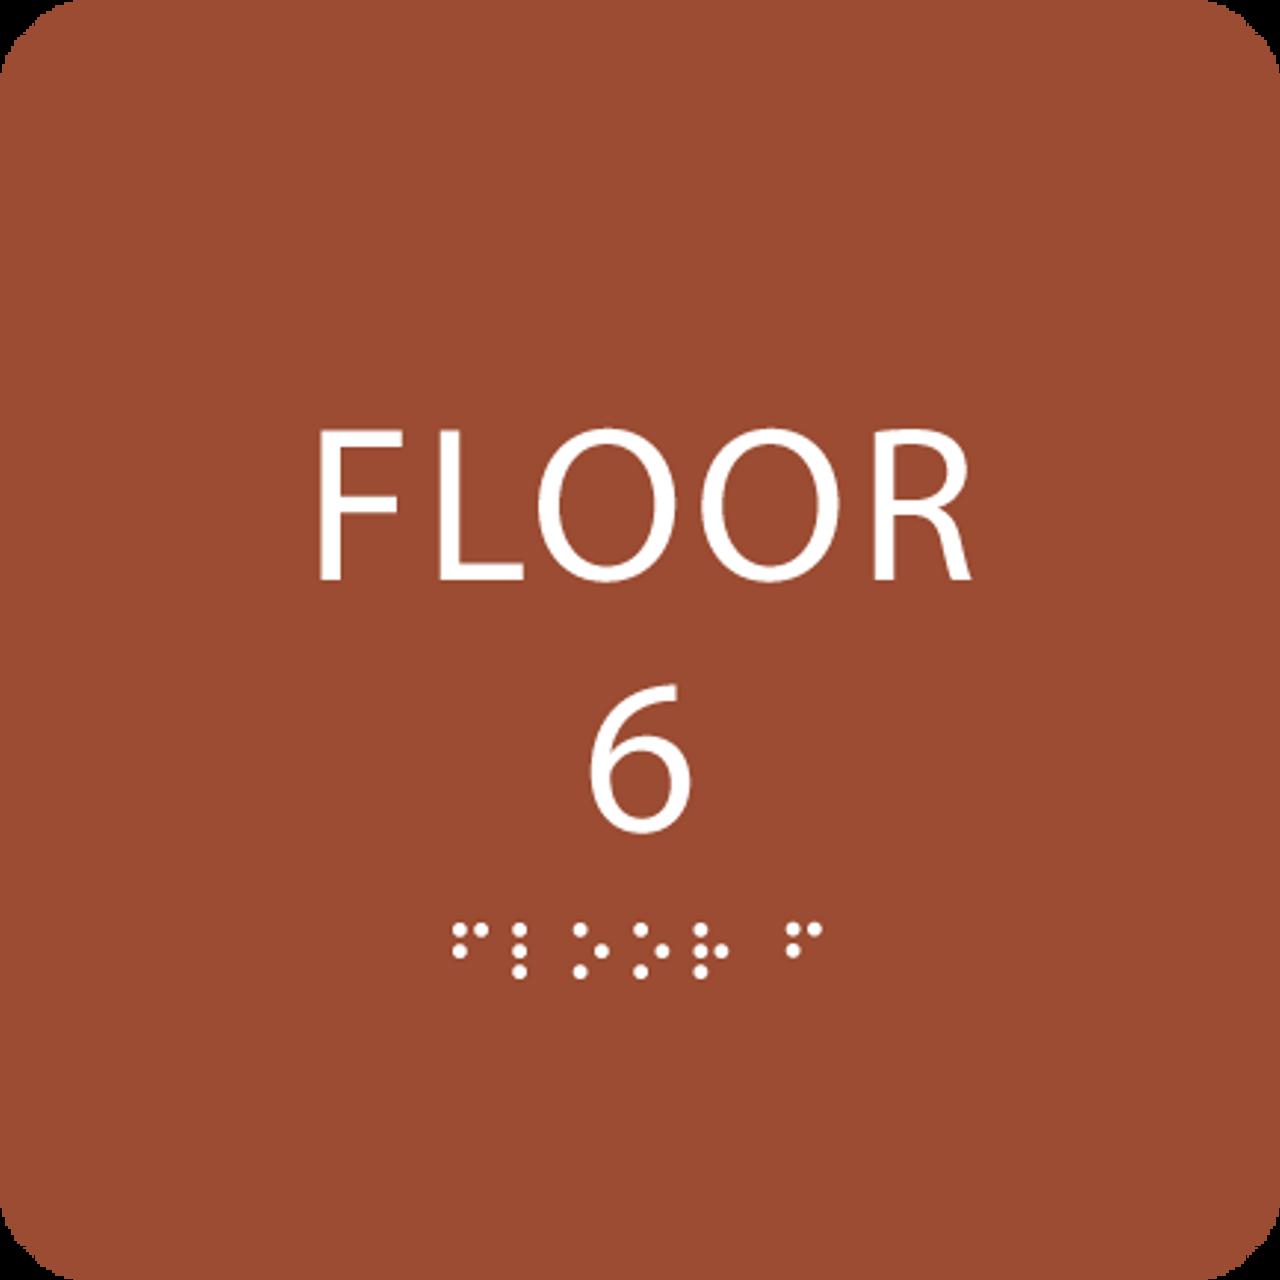 Orange Floor 6 Level Identification ADA Sign